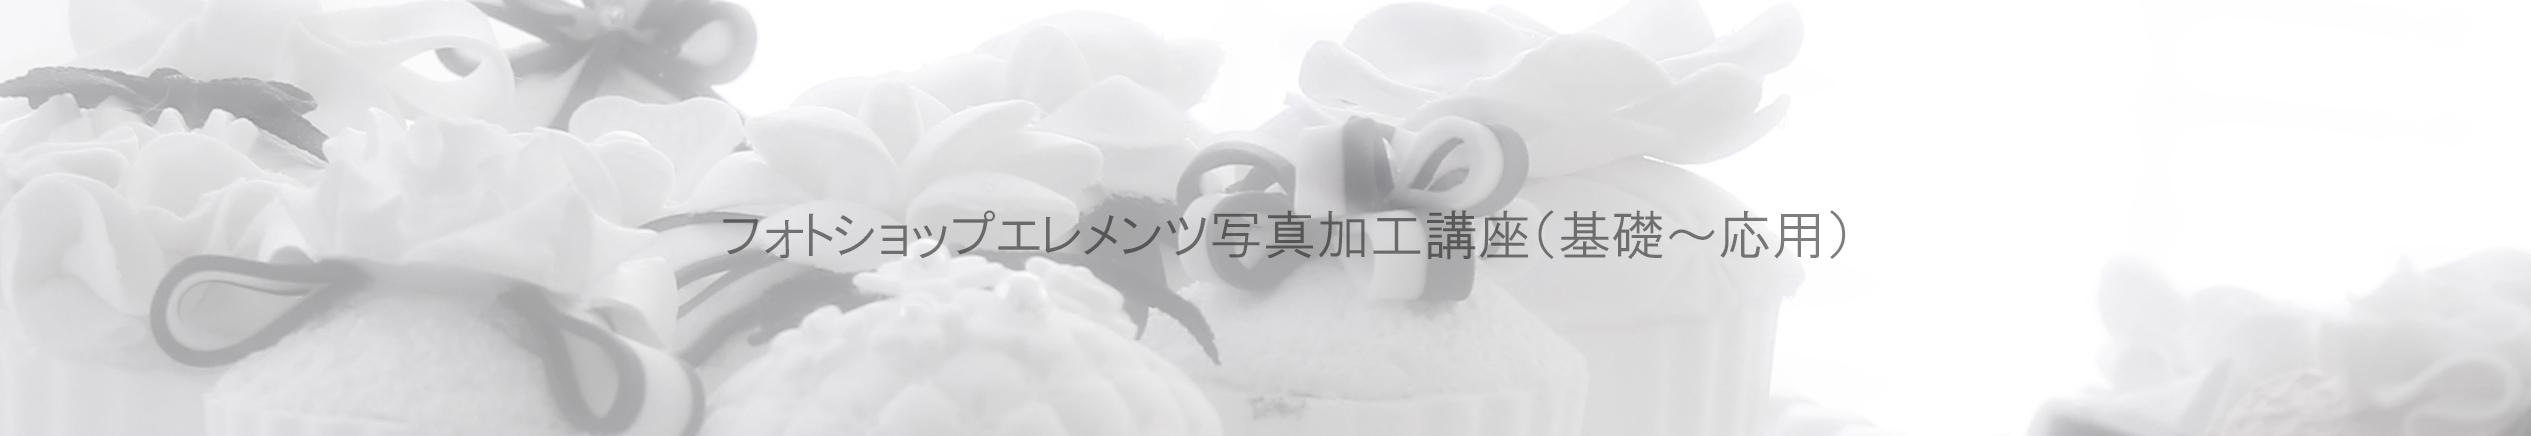 フォトショップエレメンツ写真加工講座(基礎~応用)